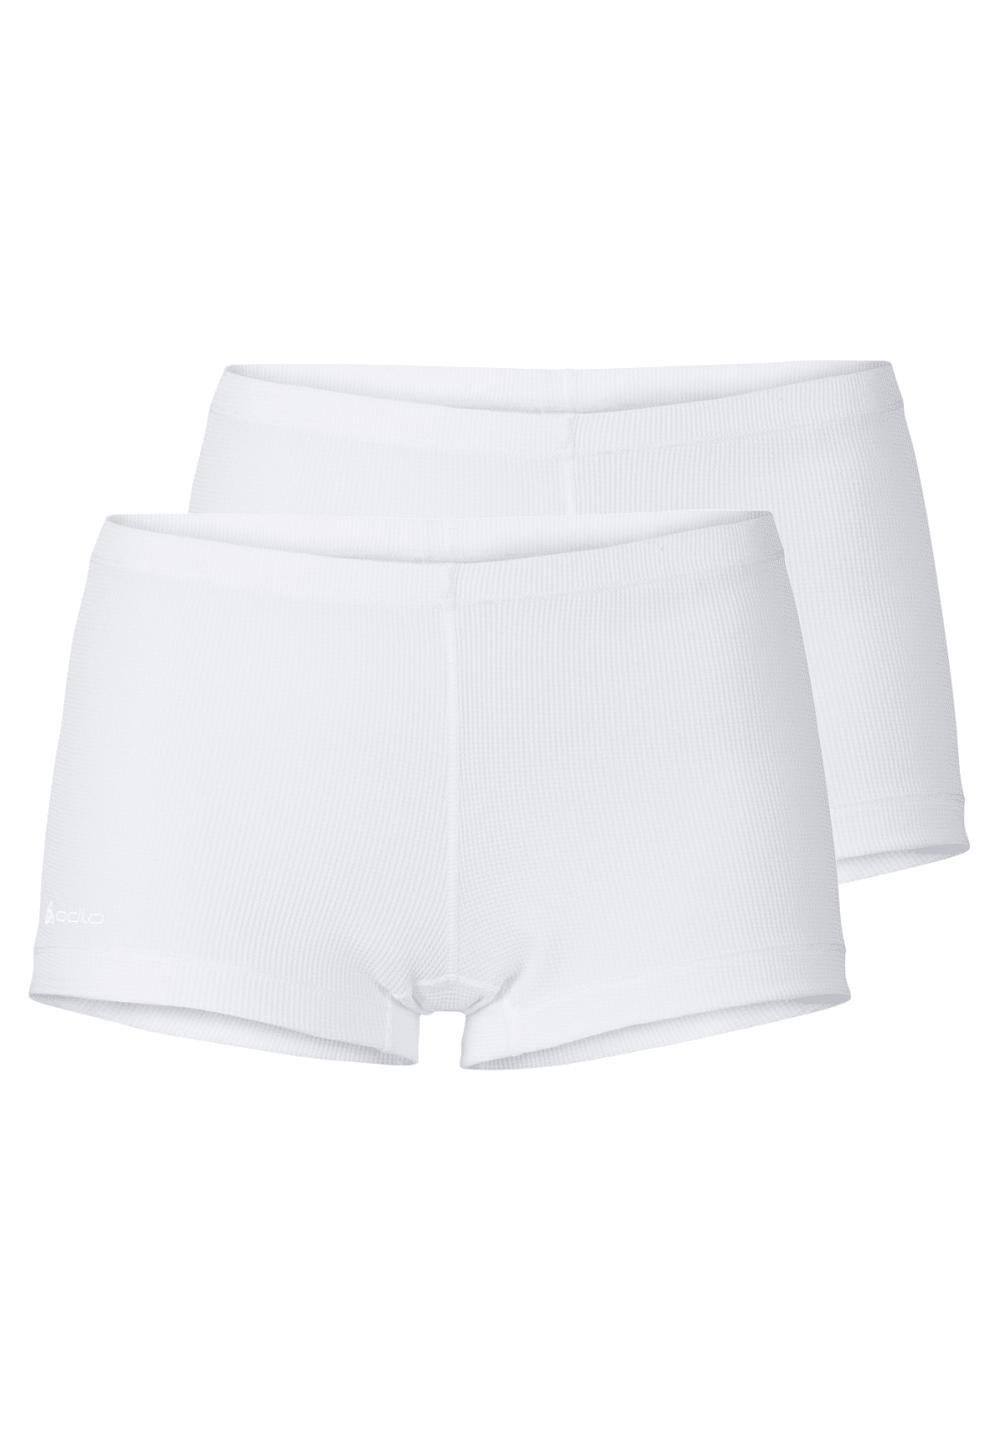 Odlo Panty Cubic 2 Pack - Funktionsunterwäsche für Damen - Weiß, Gr. M